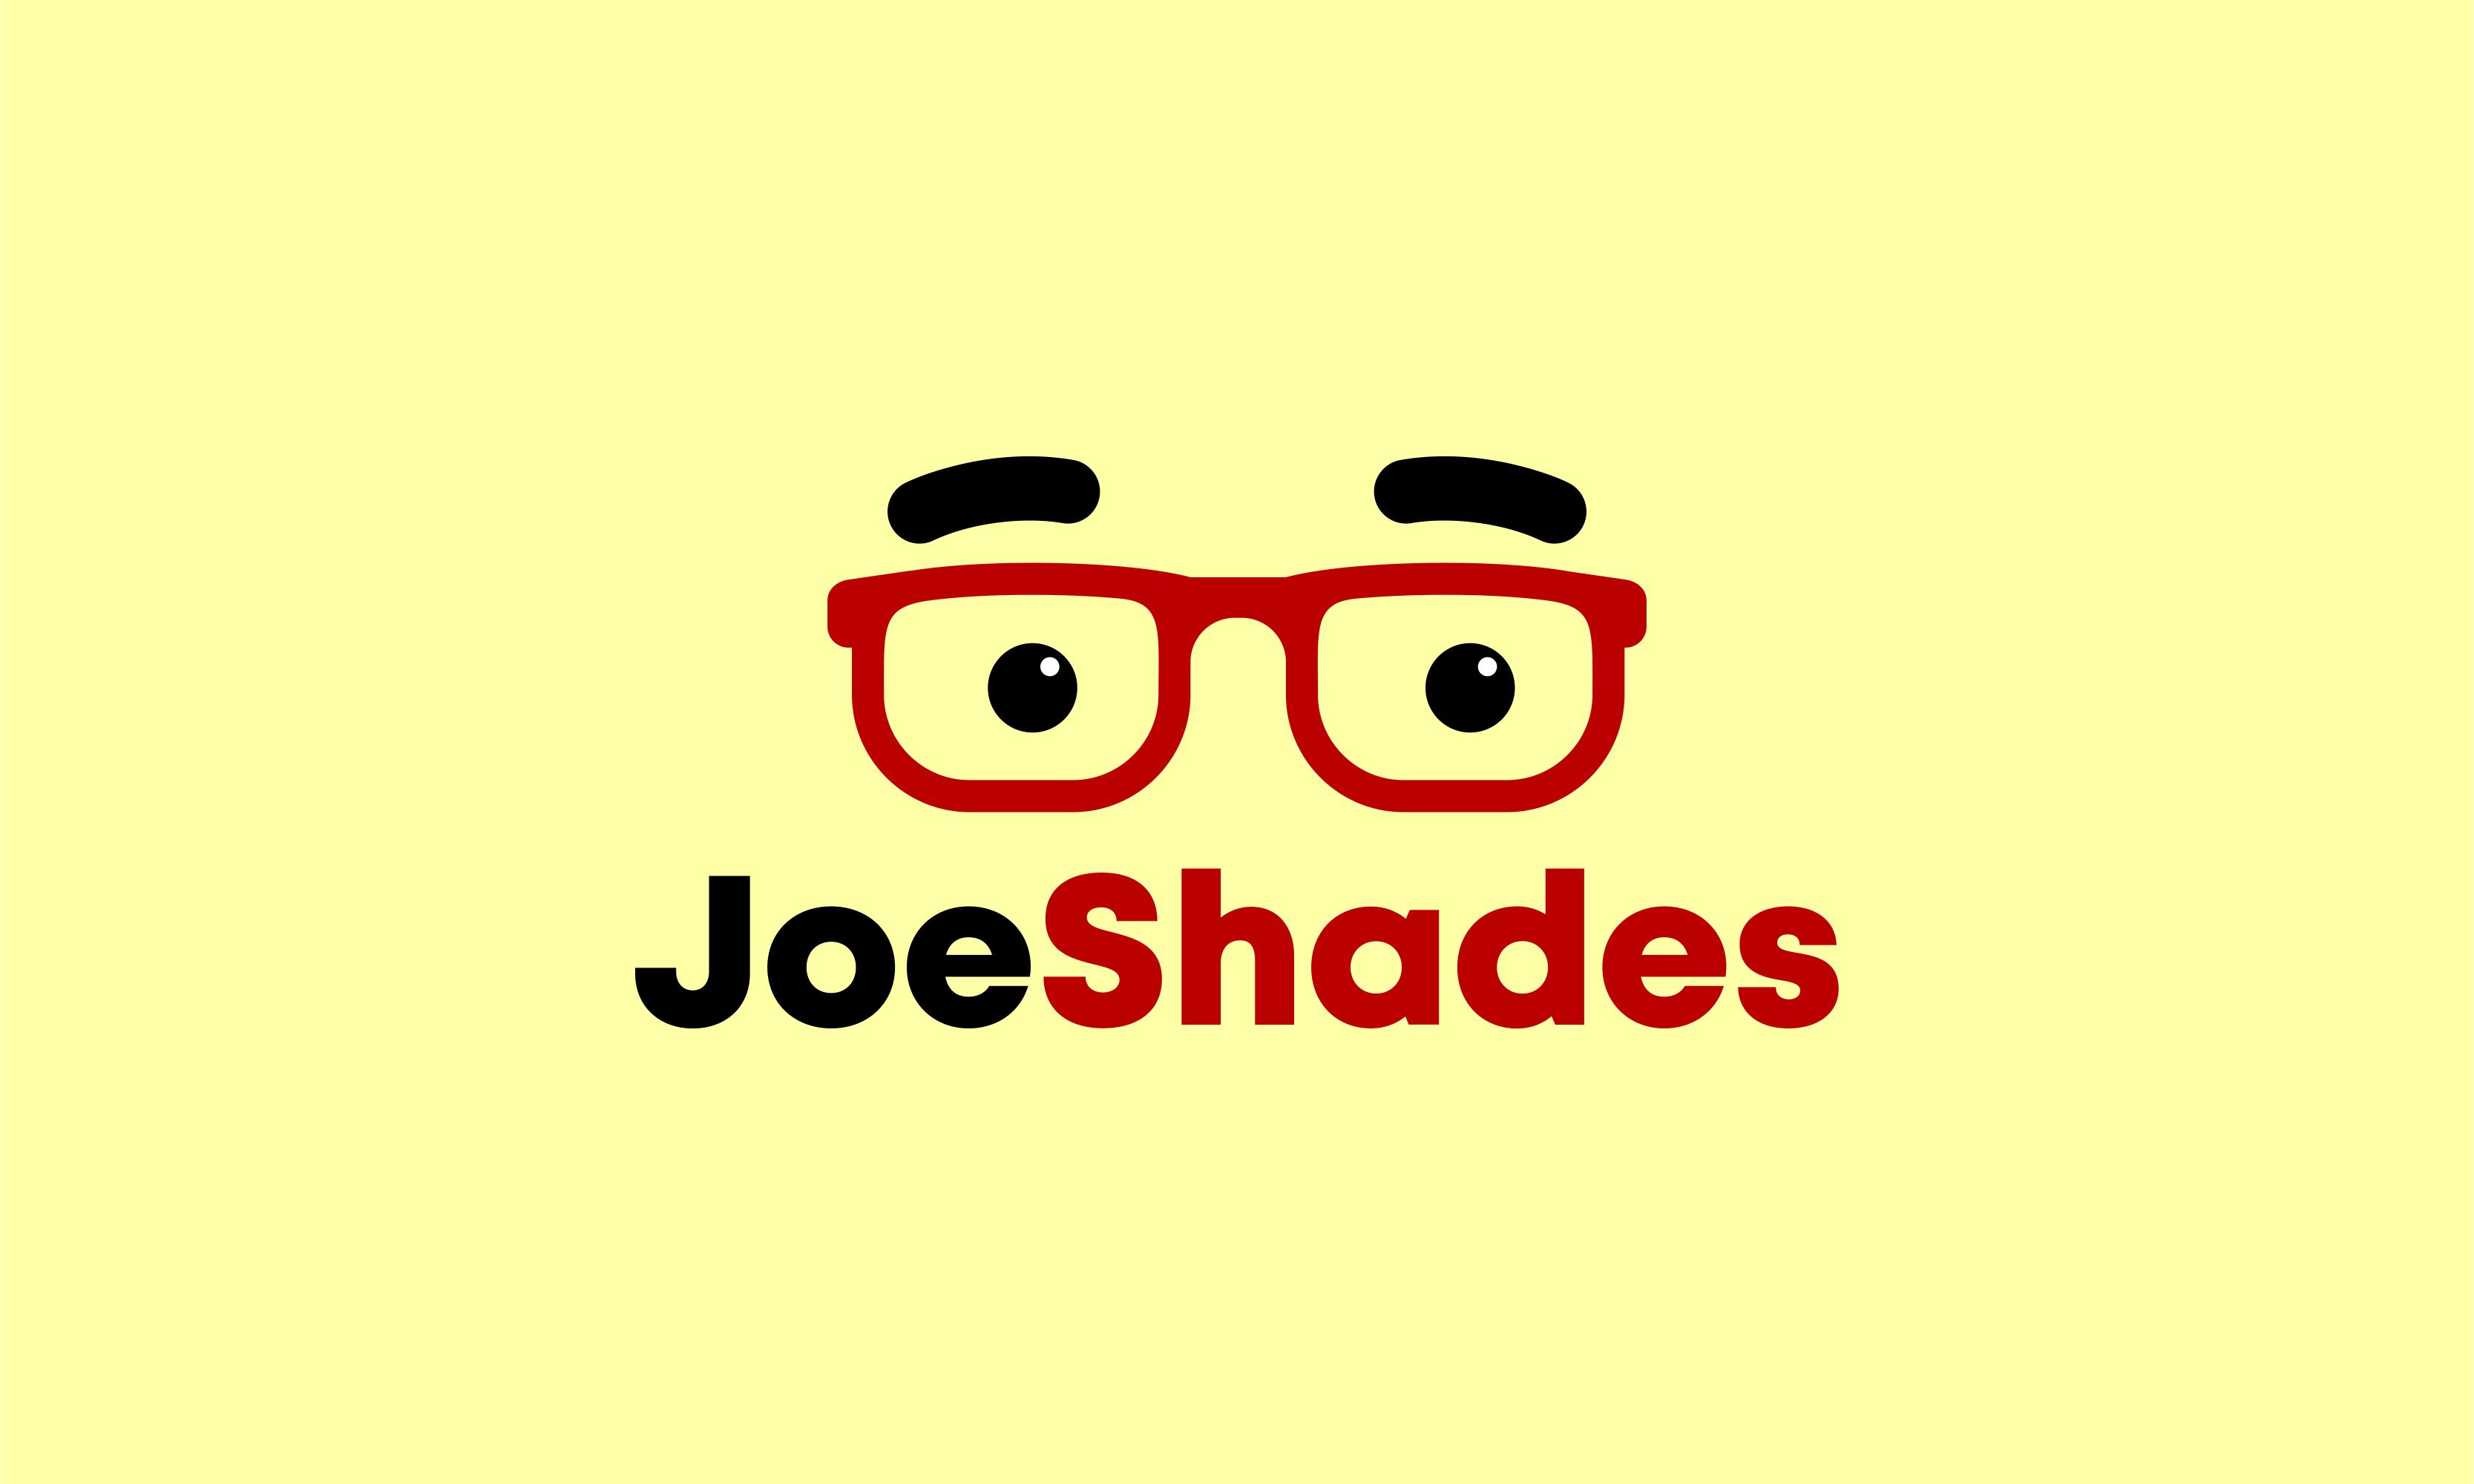 Joeshades